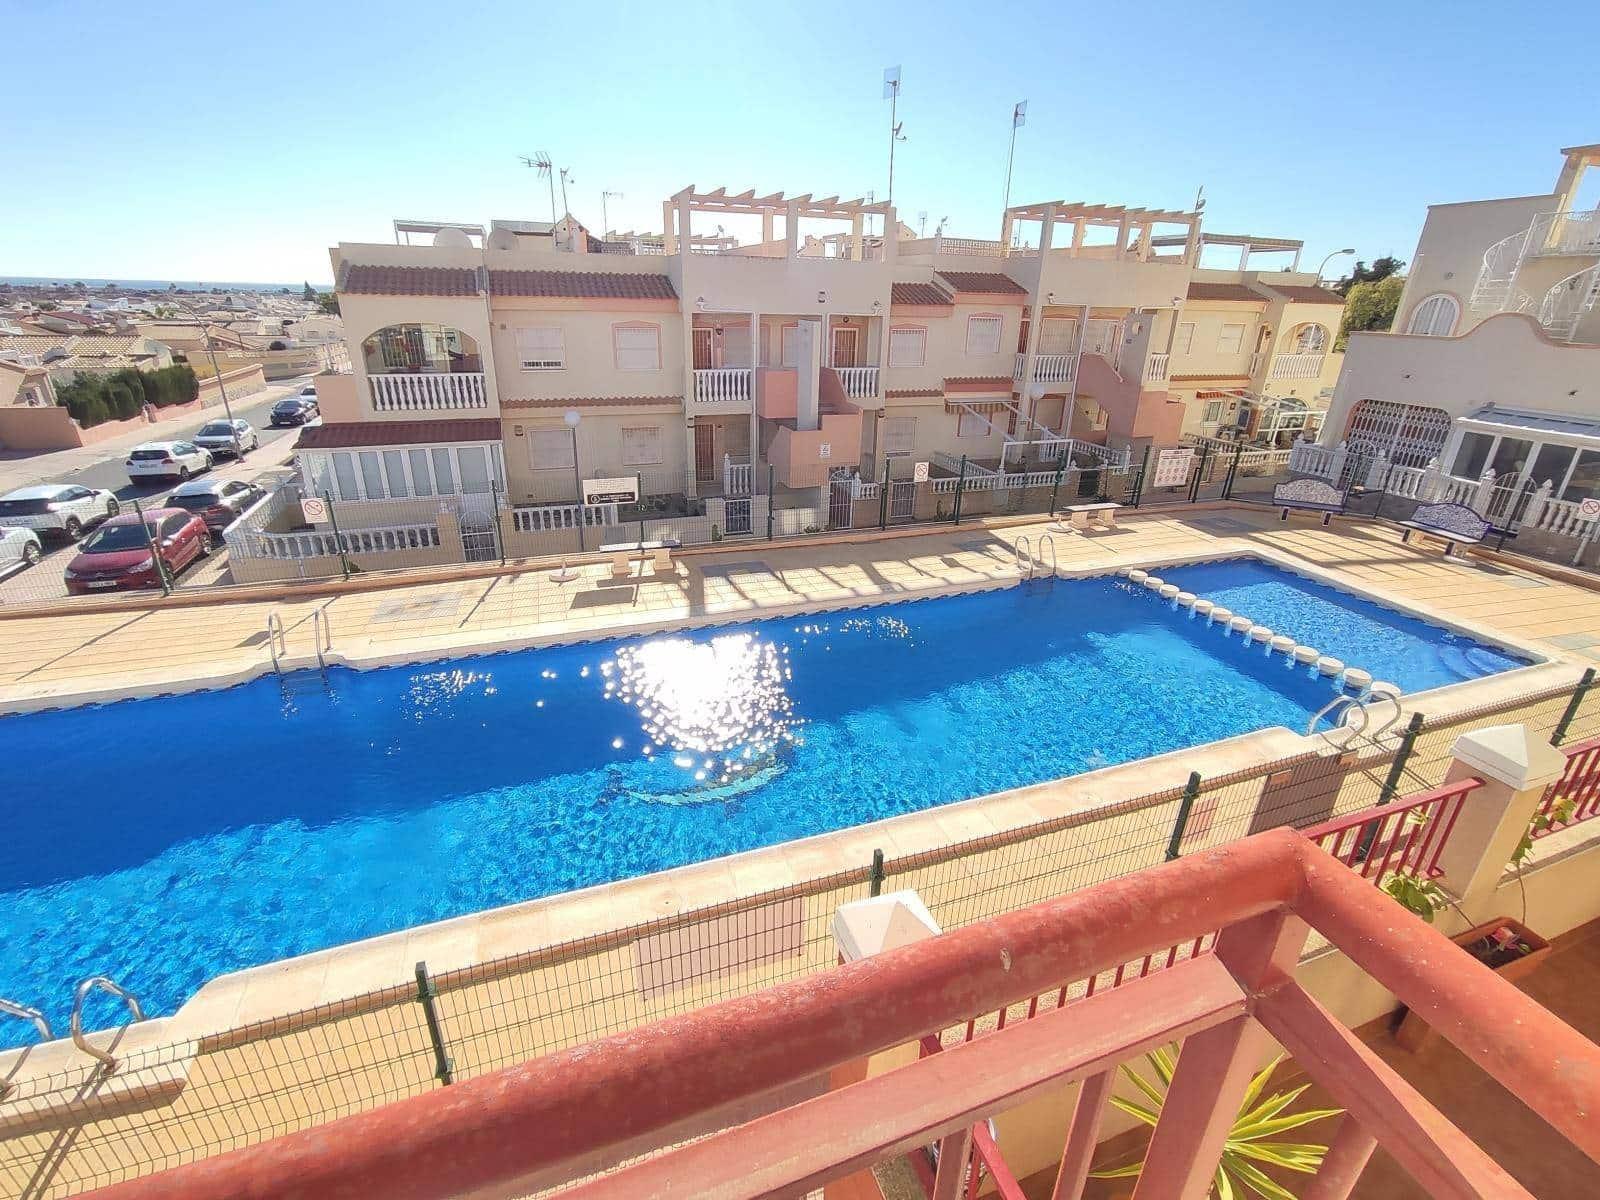 3 makuuhuone Ranta-asunto myytävänä paikassa Orihuela mukana uima-altaan - 105 000 € (Ref: 2438061)